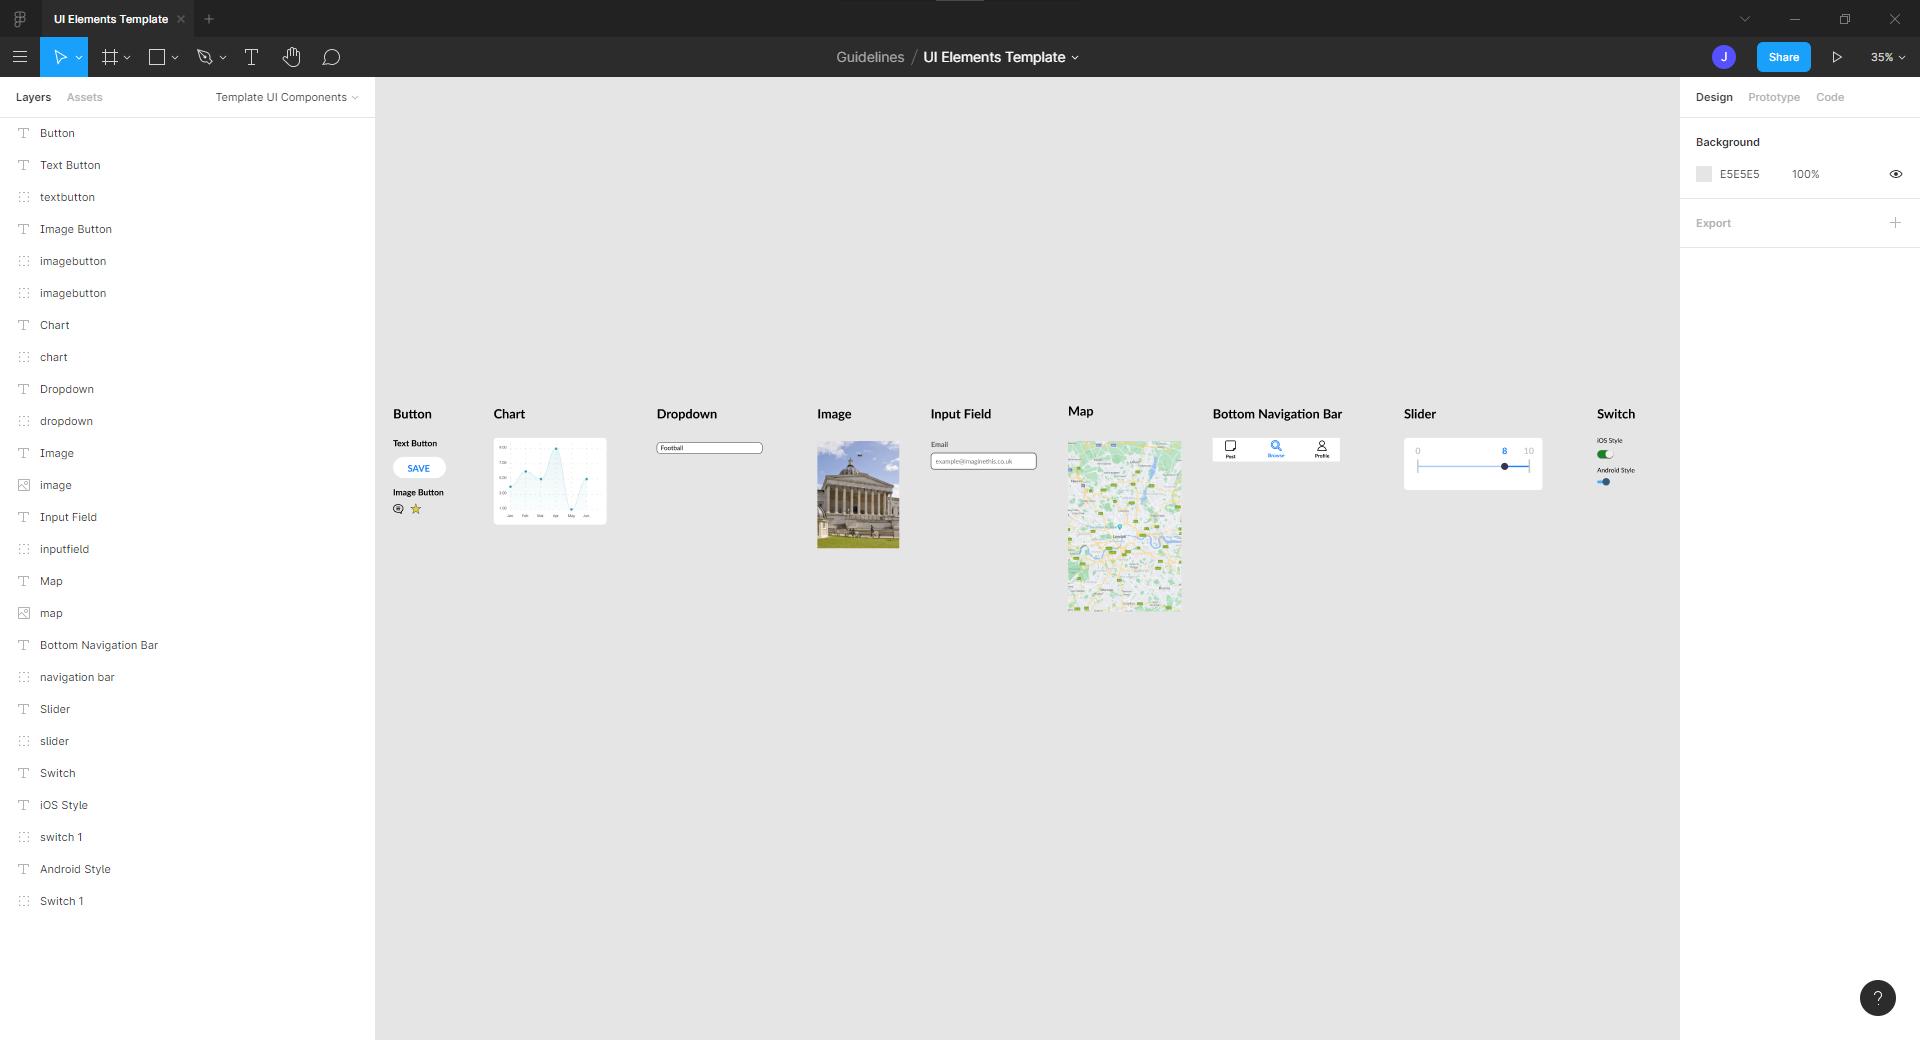 screenshot of figma elements